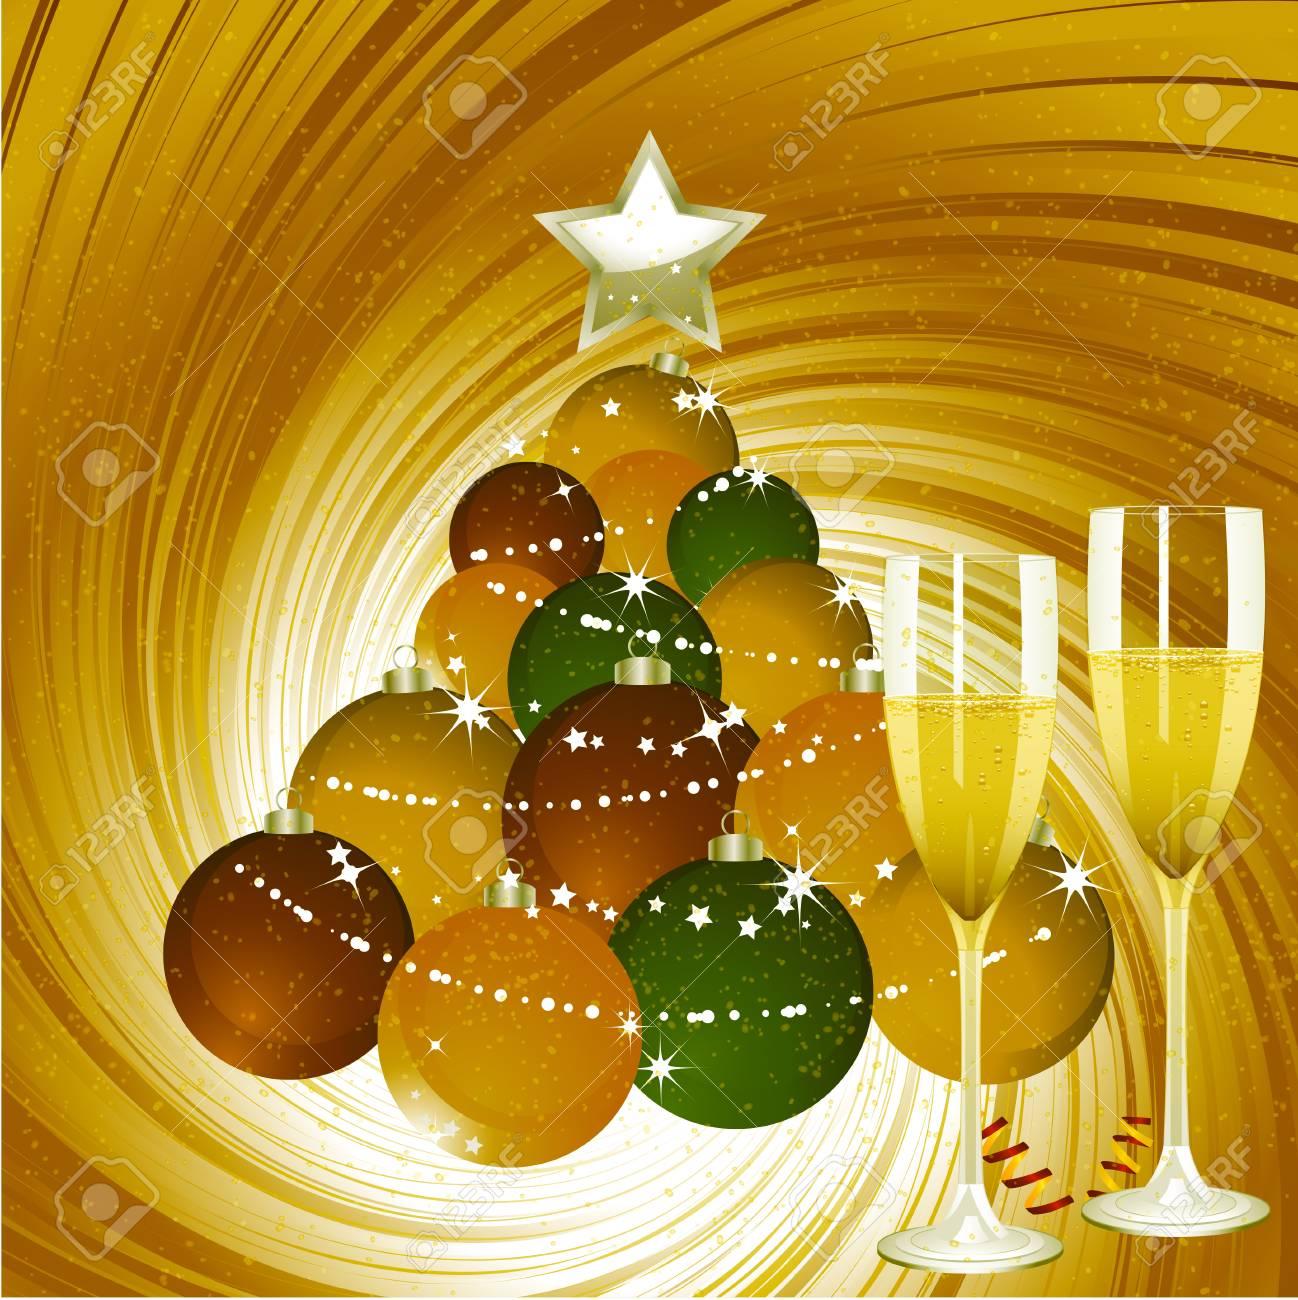 Christbaumkugeln Champagner Glas.Stock Photo